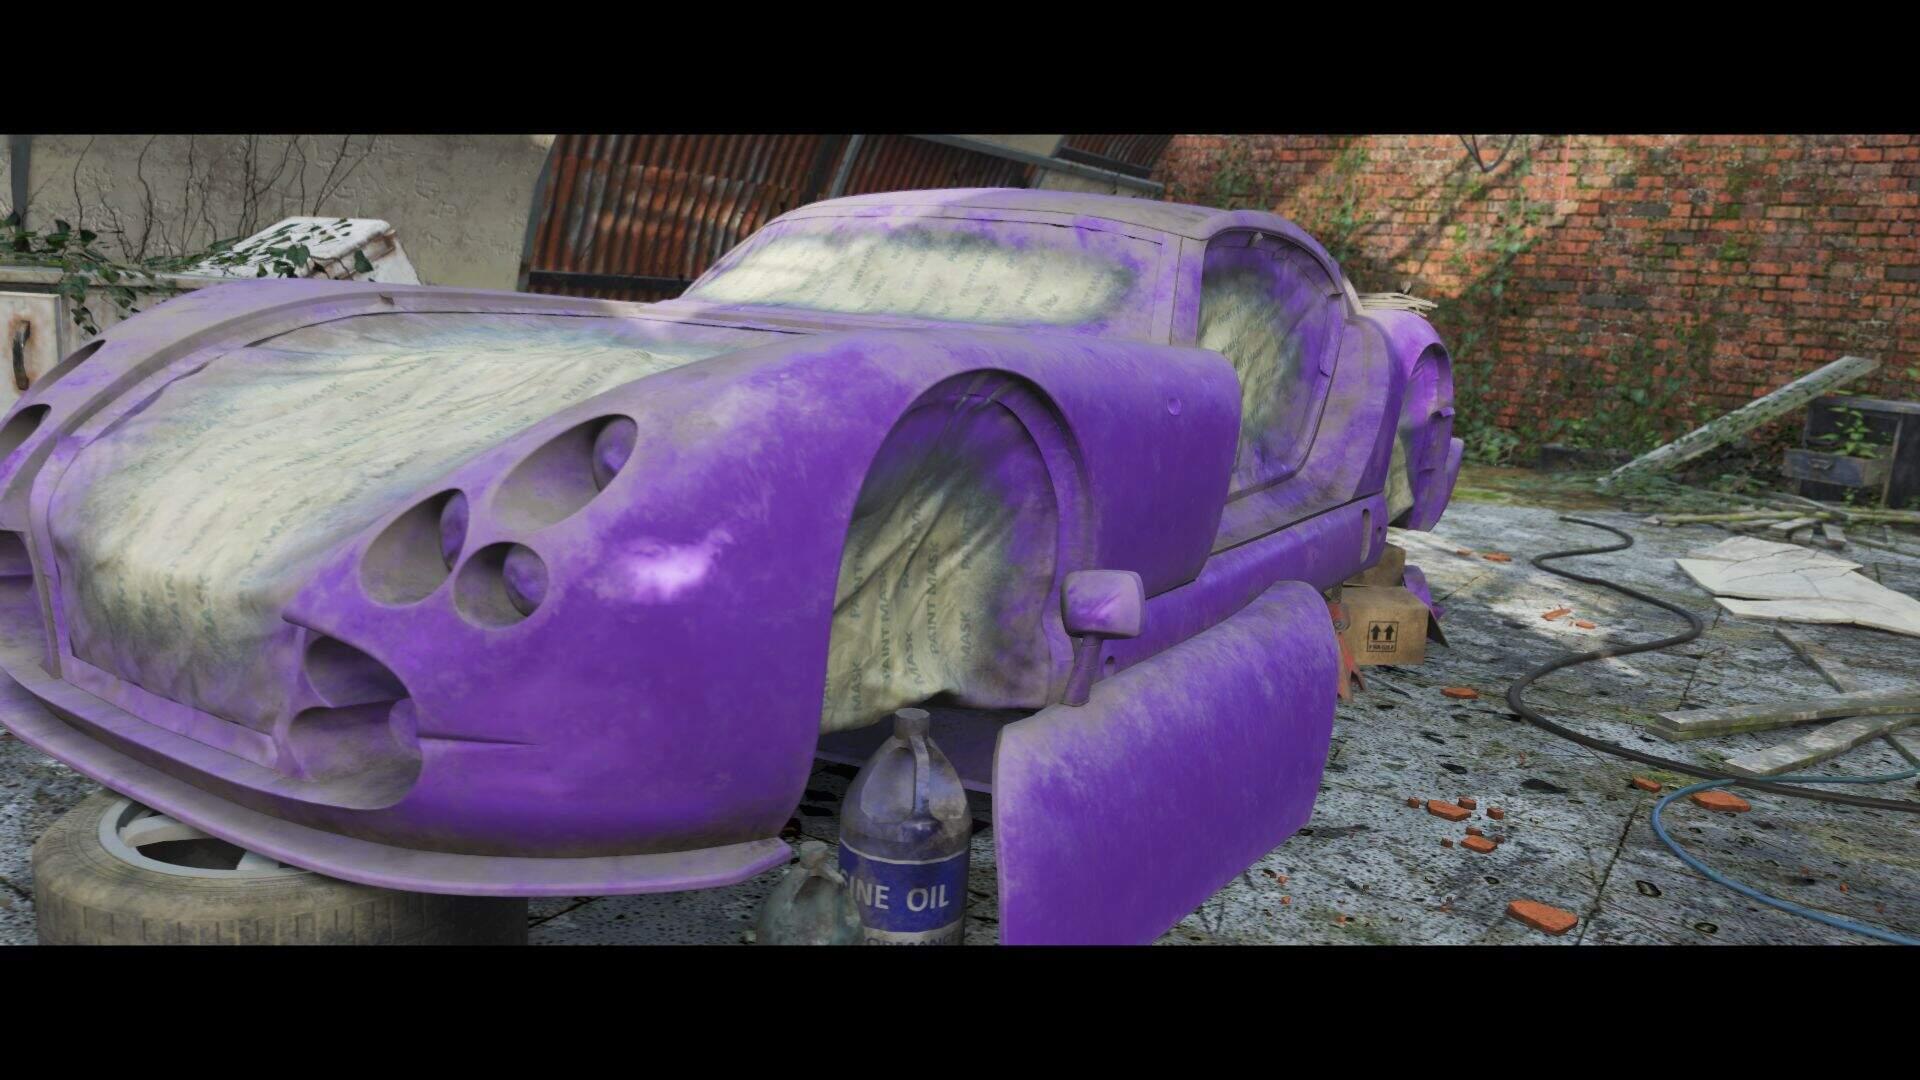 Forza Horizon 4 1998 TVR Cerbera Speed 12 Scheunenfund